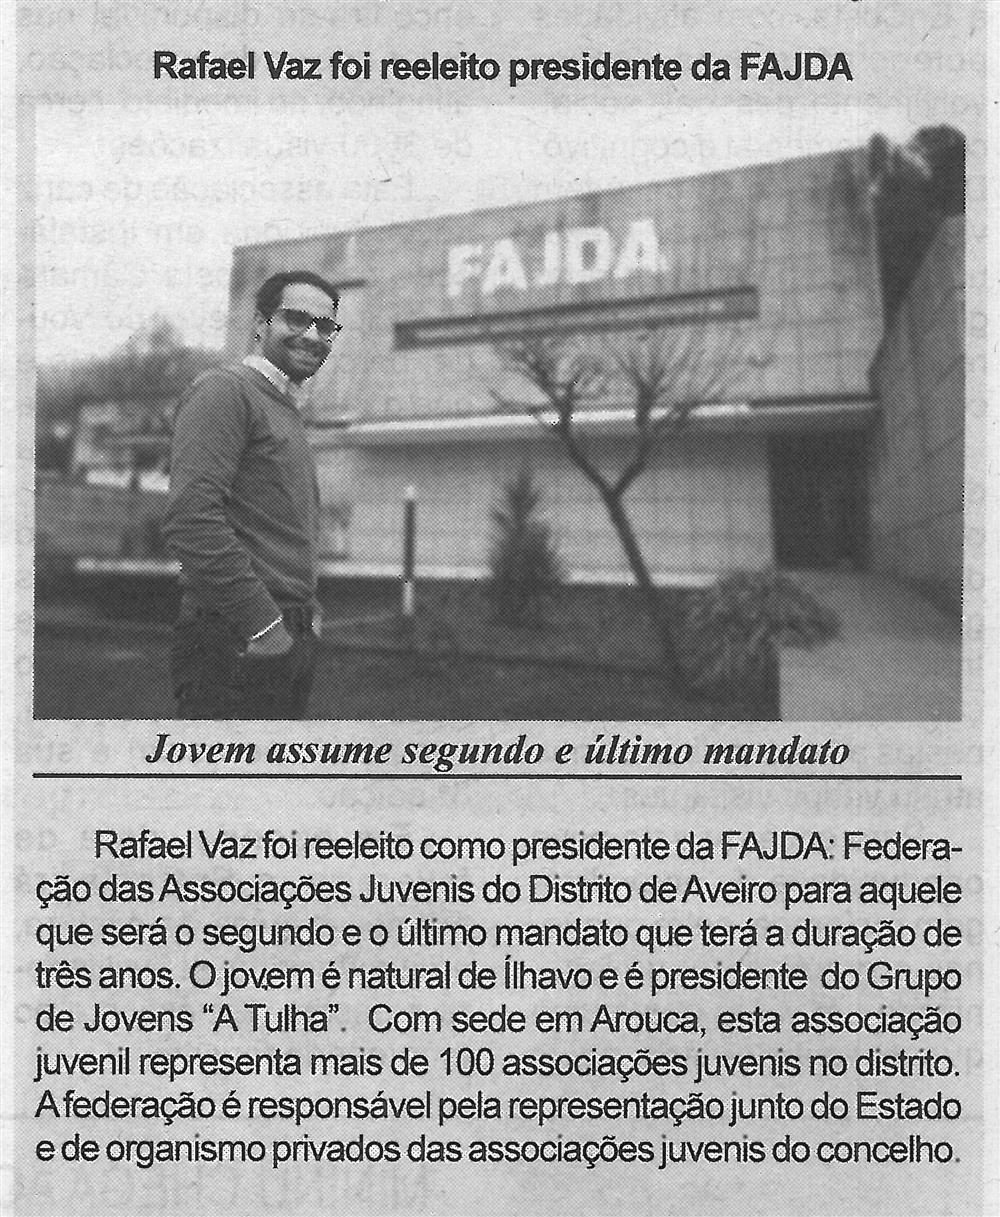 BV-2.ªjan.'20-p.7-Rafael Vaz reeleito Presidente da FAJDA.jpg